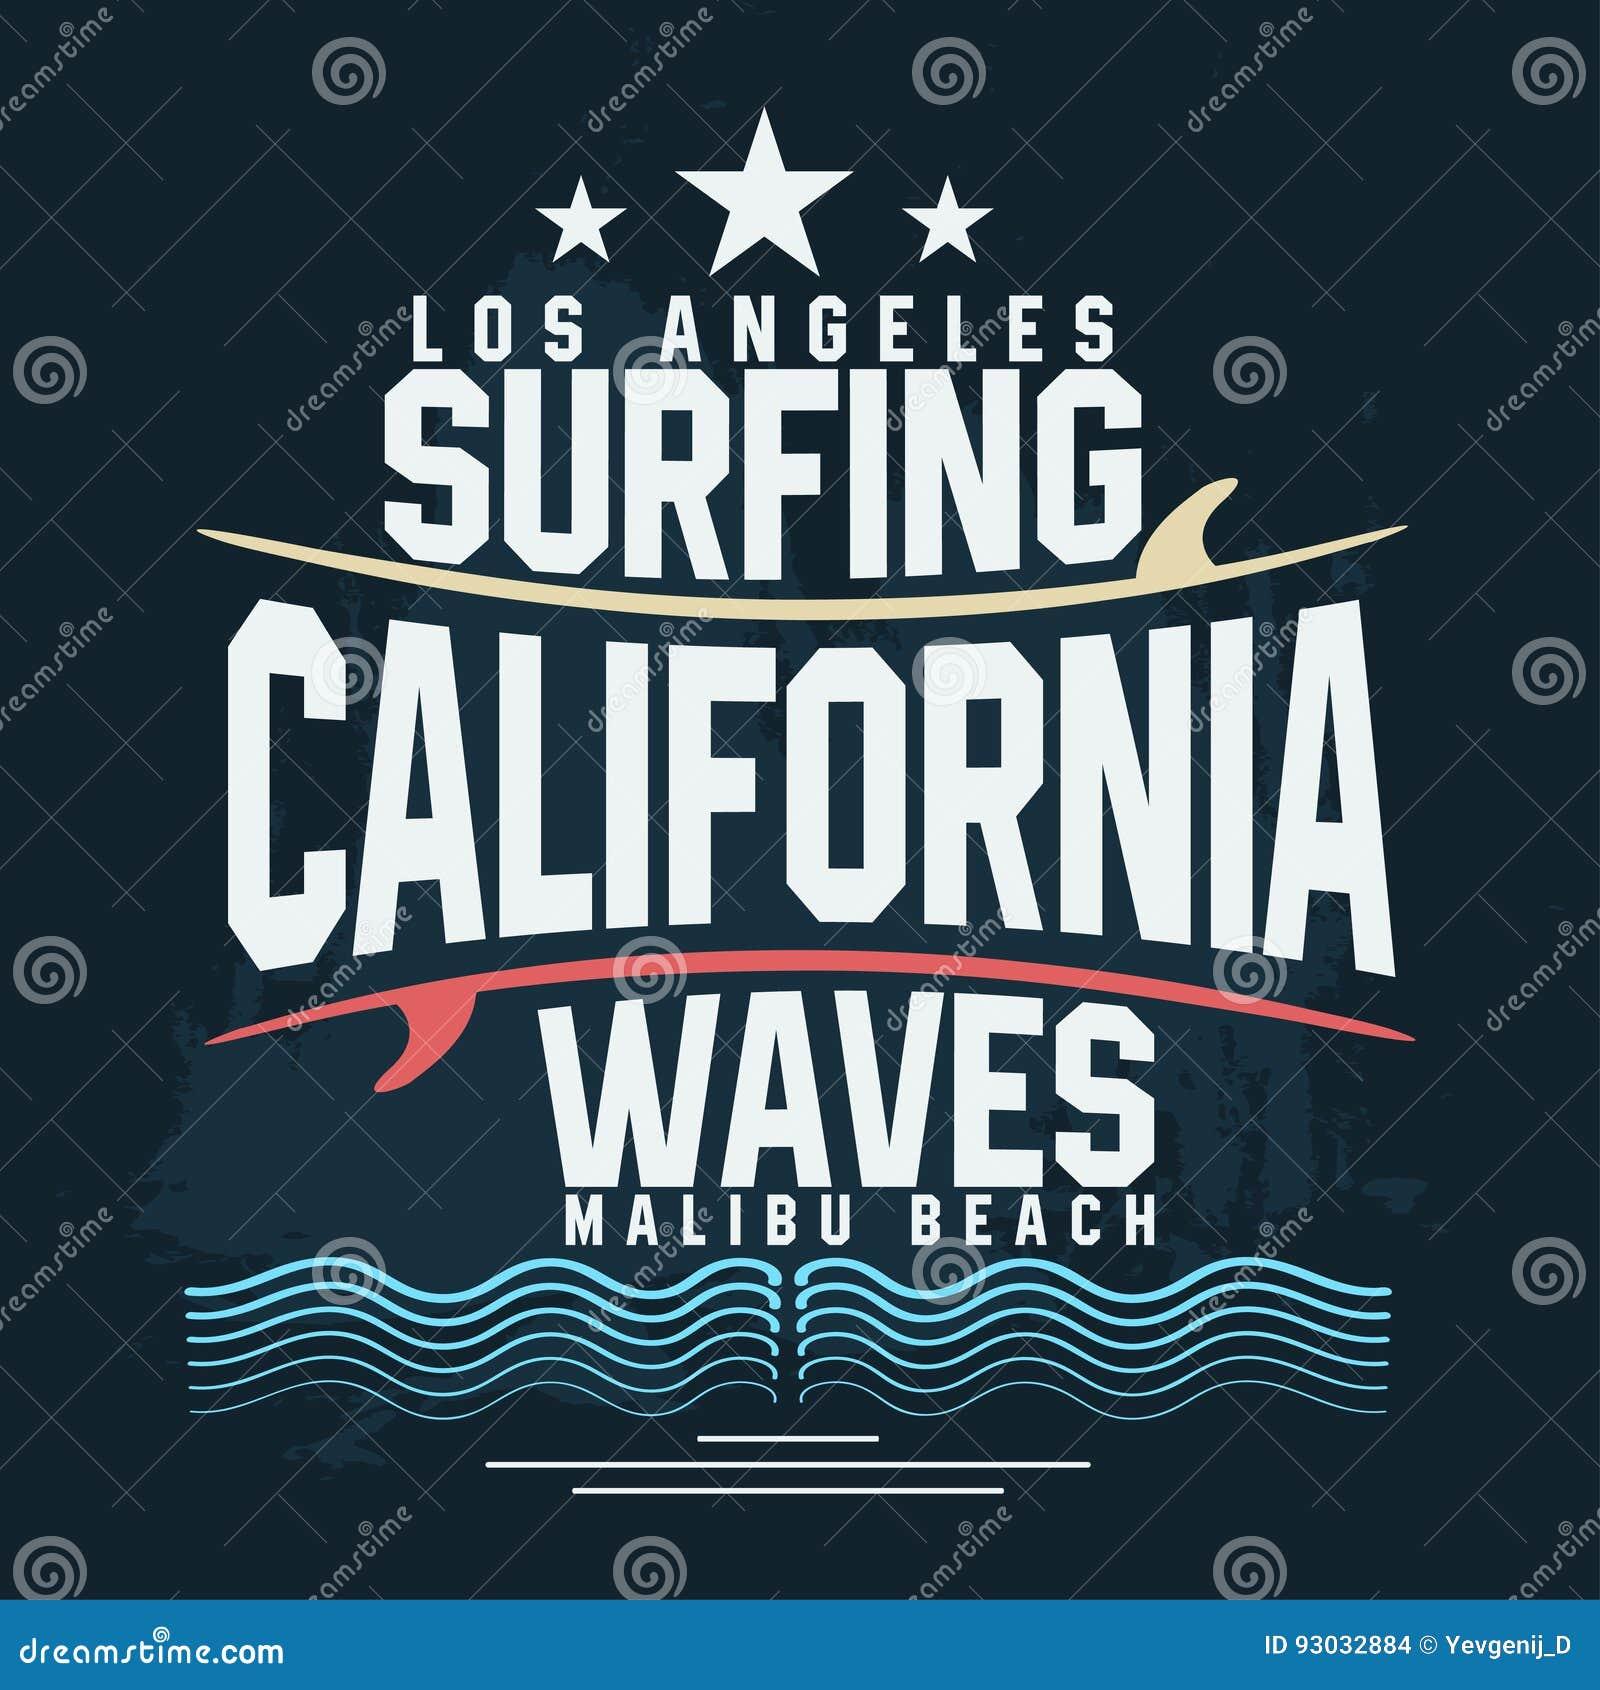 Surf T-shirt Graphic Design  Surfing Grunge Print Stamp